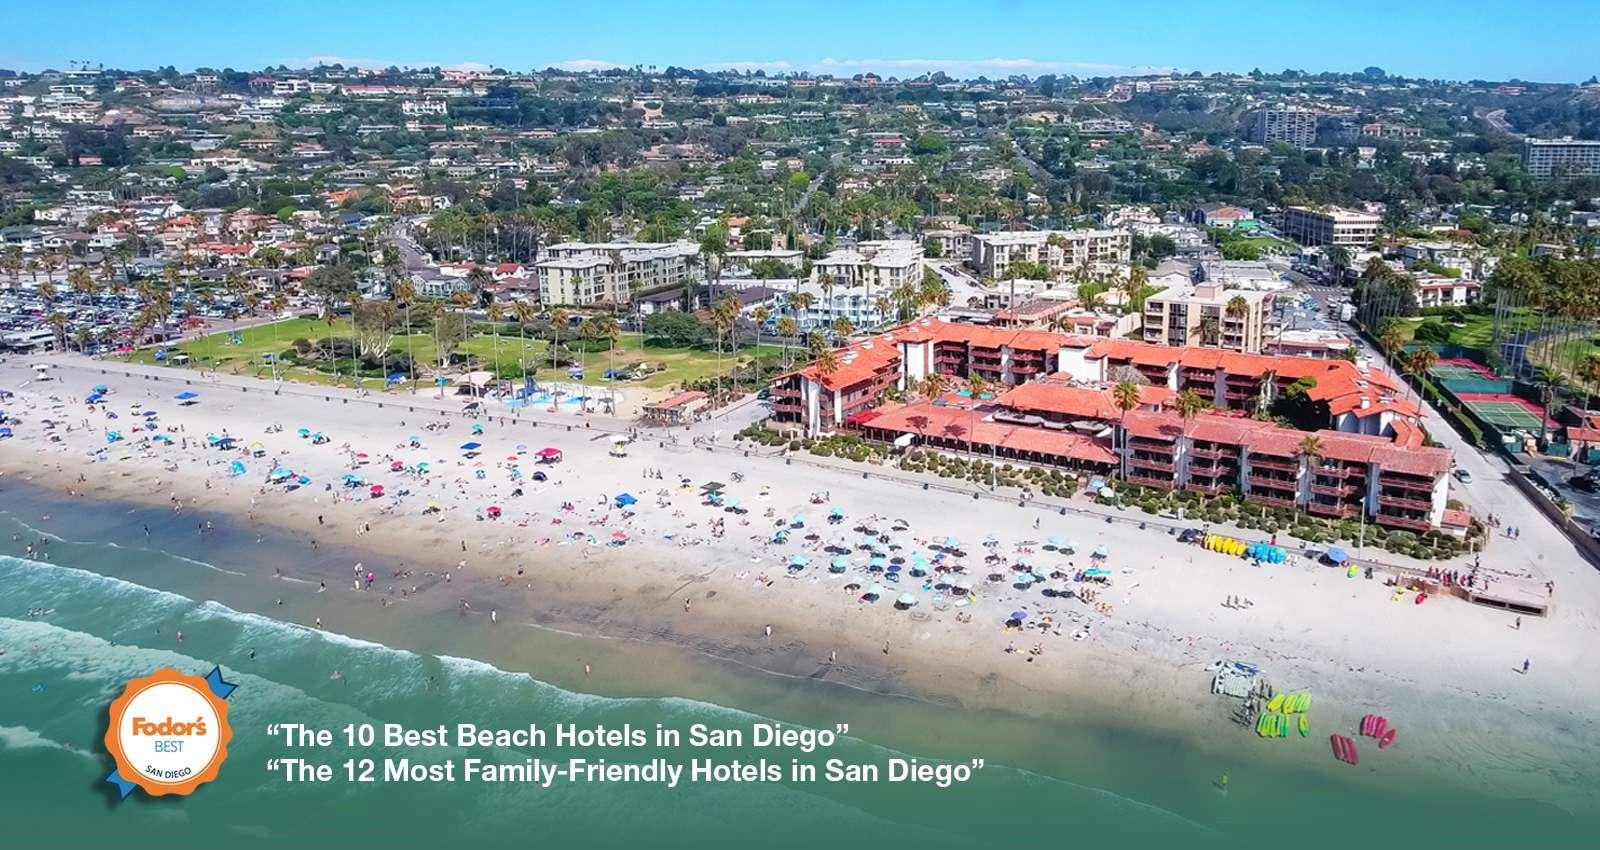 A Beachfront La Jolla Hotel - La Jolla Shores Hotel